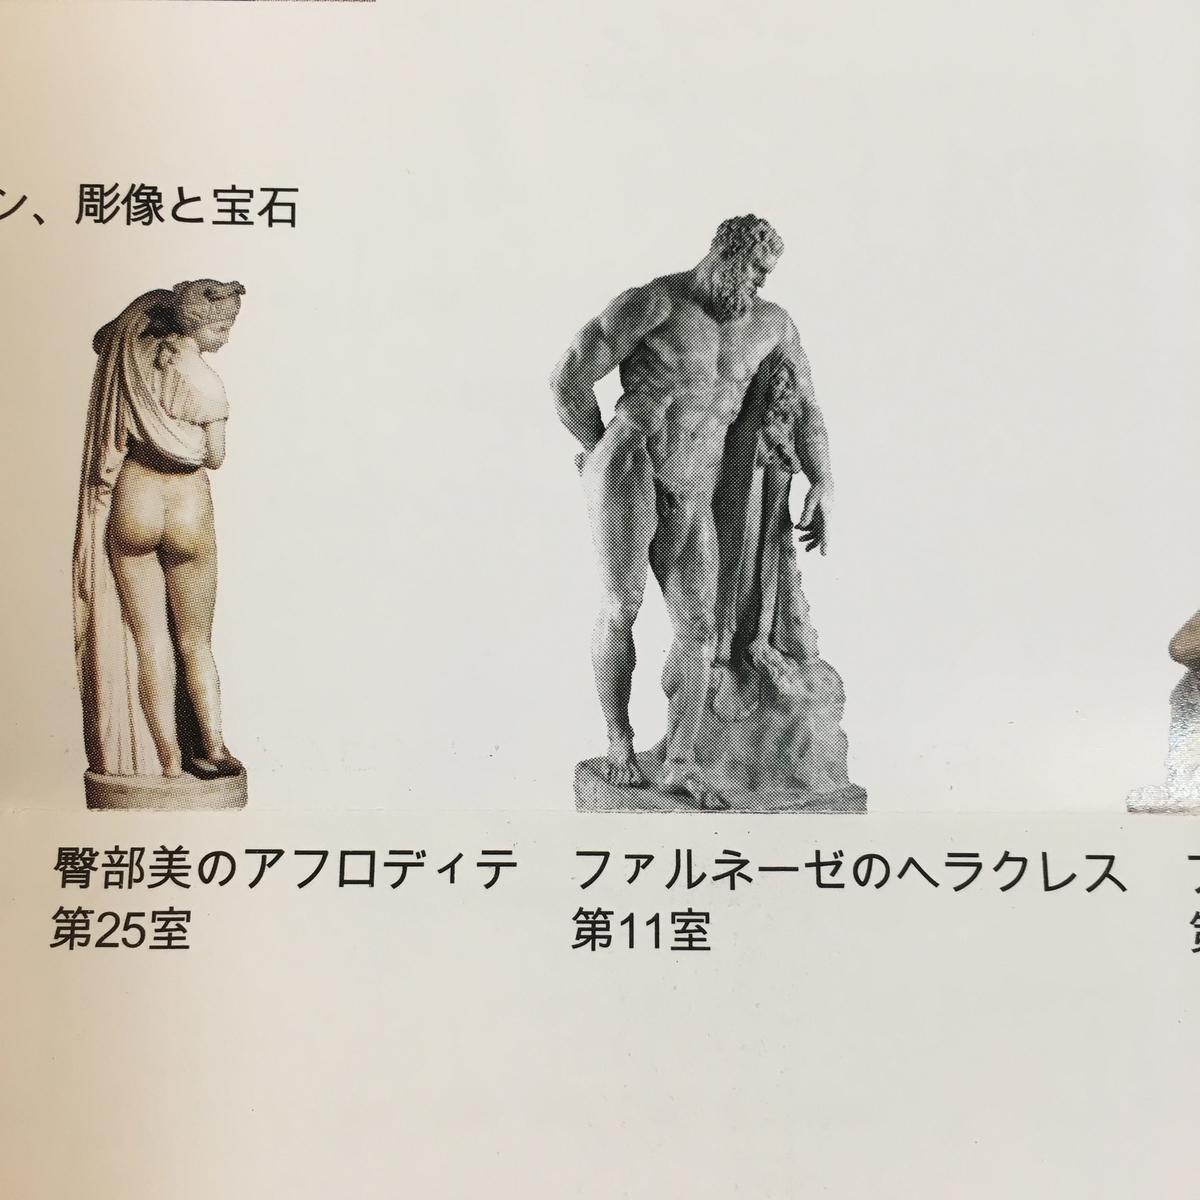 f:id:KirigirisuMax:20200628132048j:plain